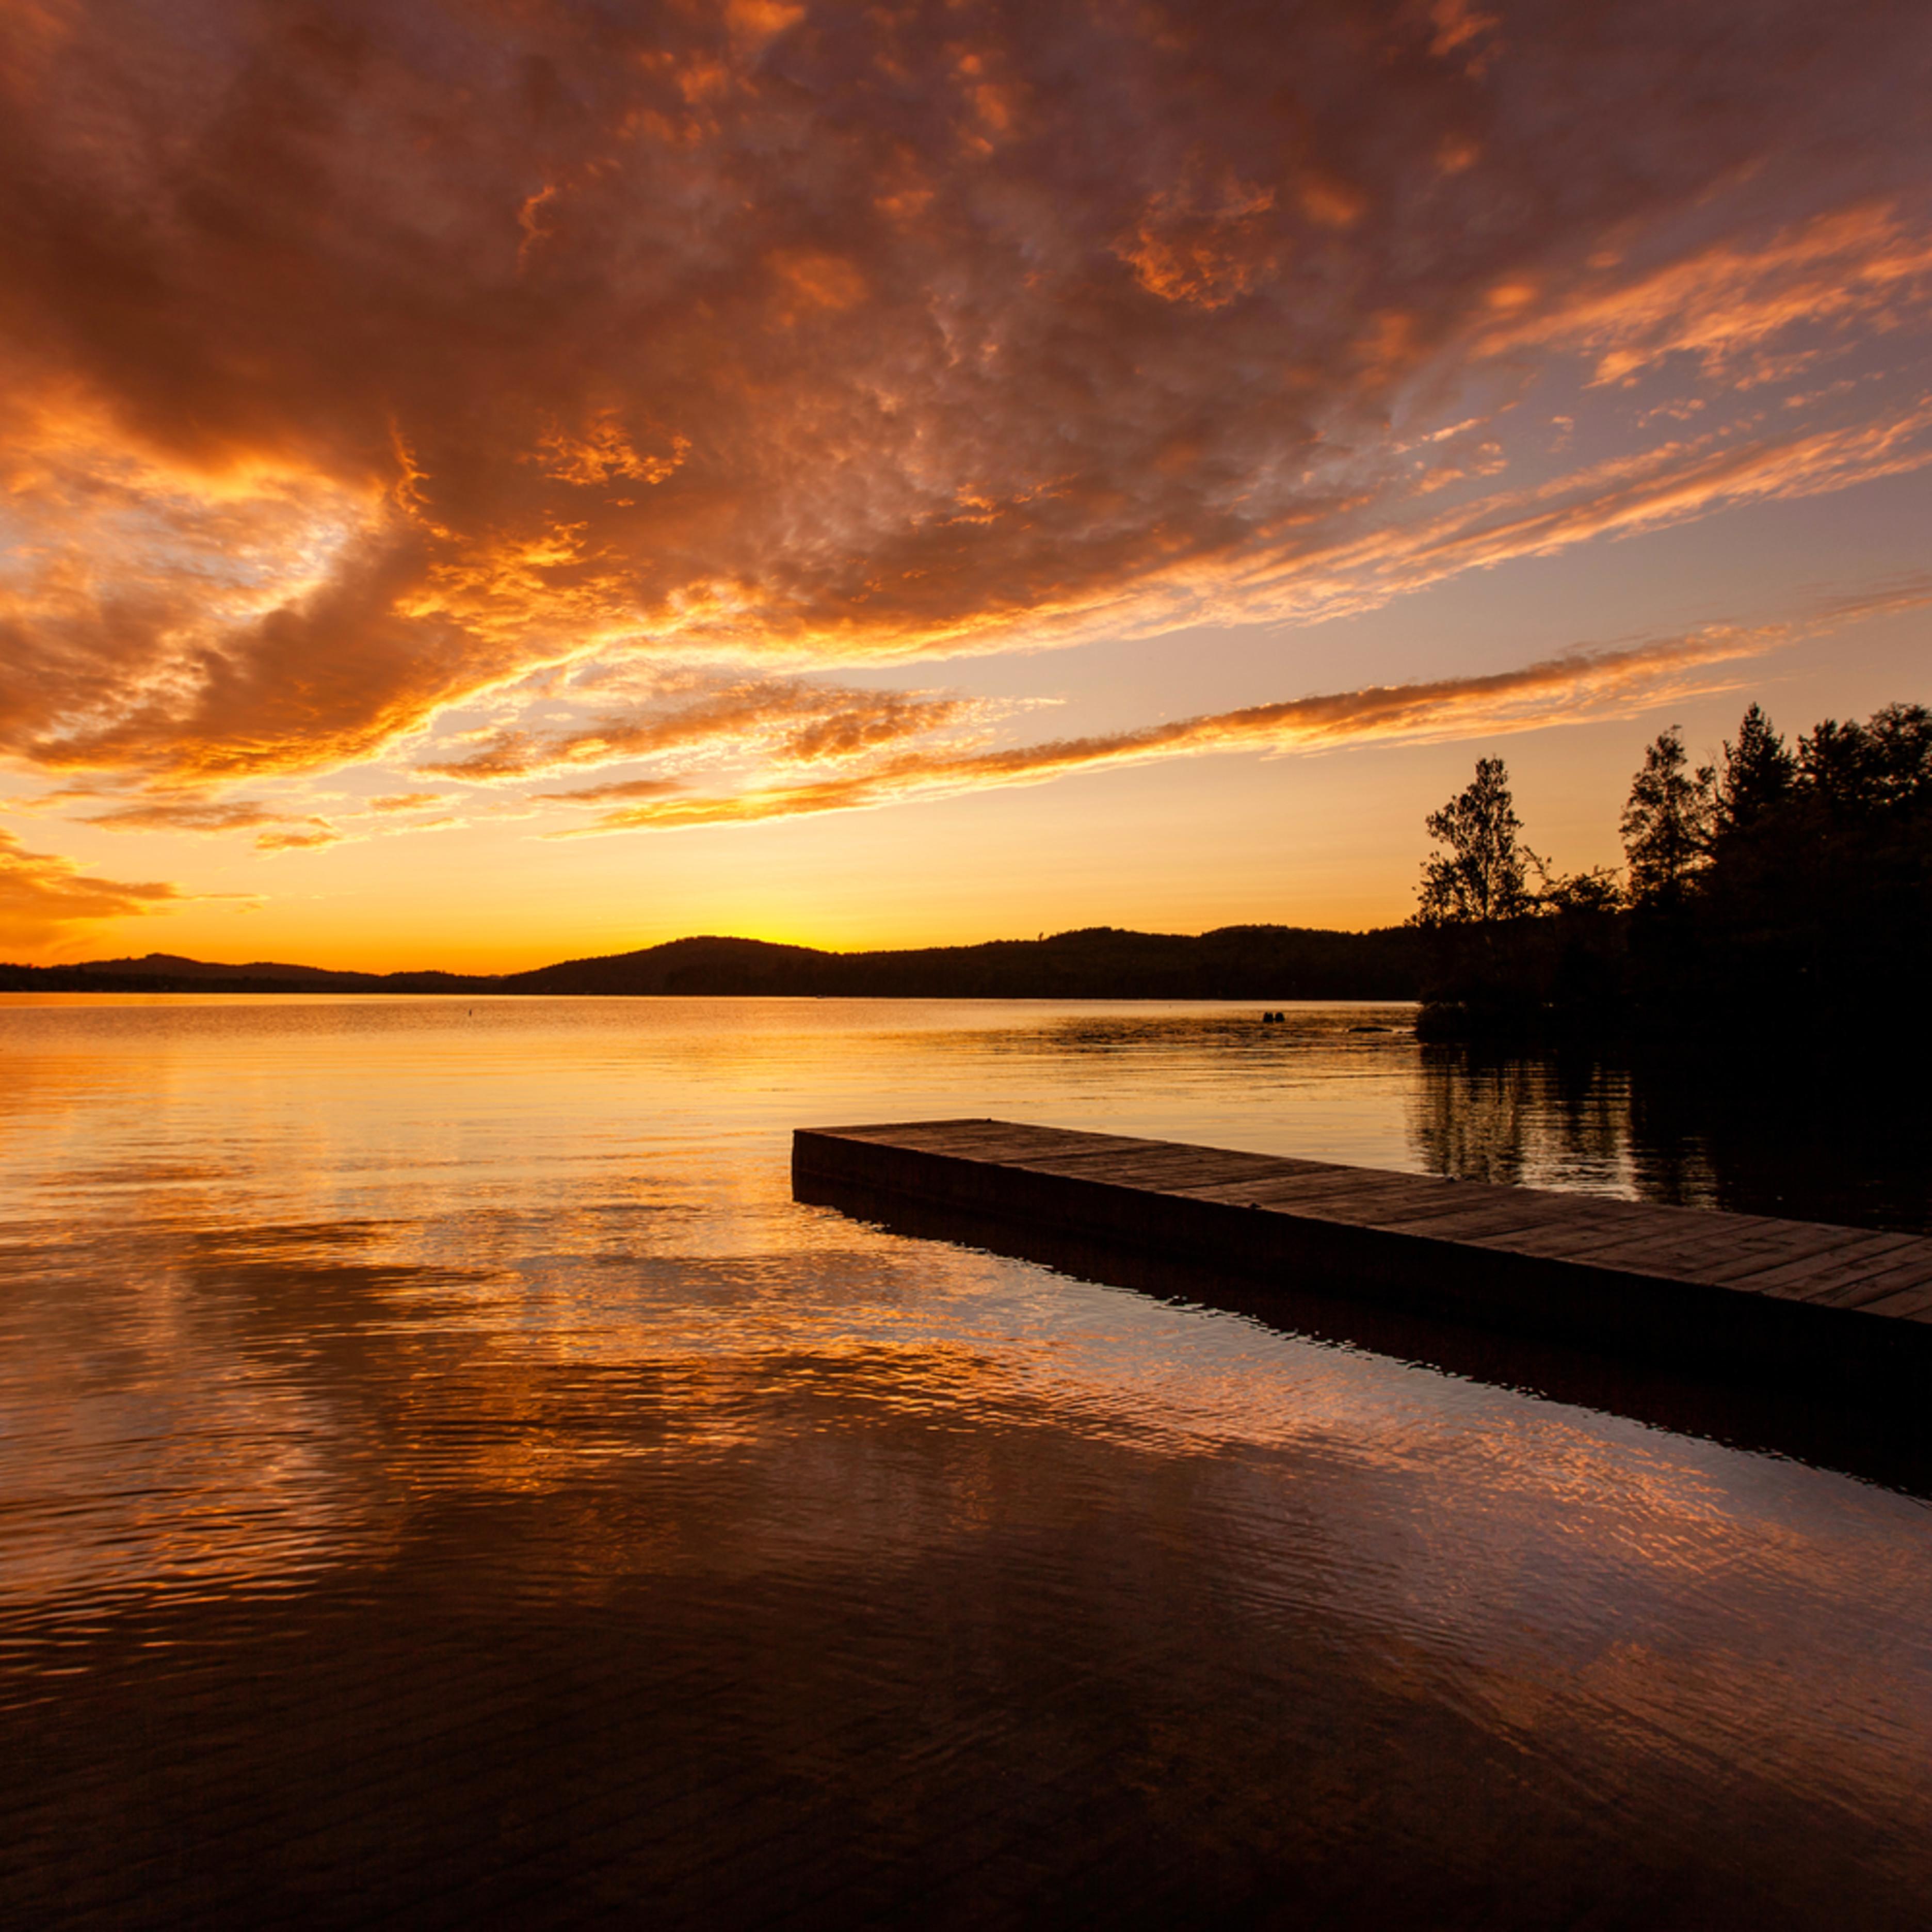 7th lake horizanl smug kilzew